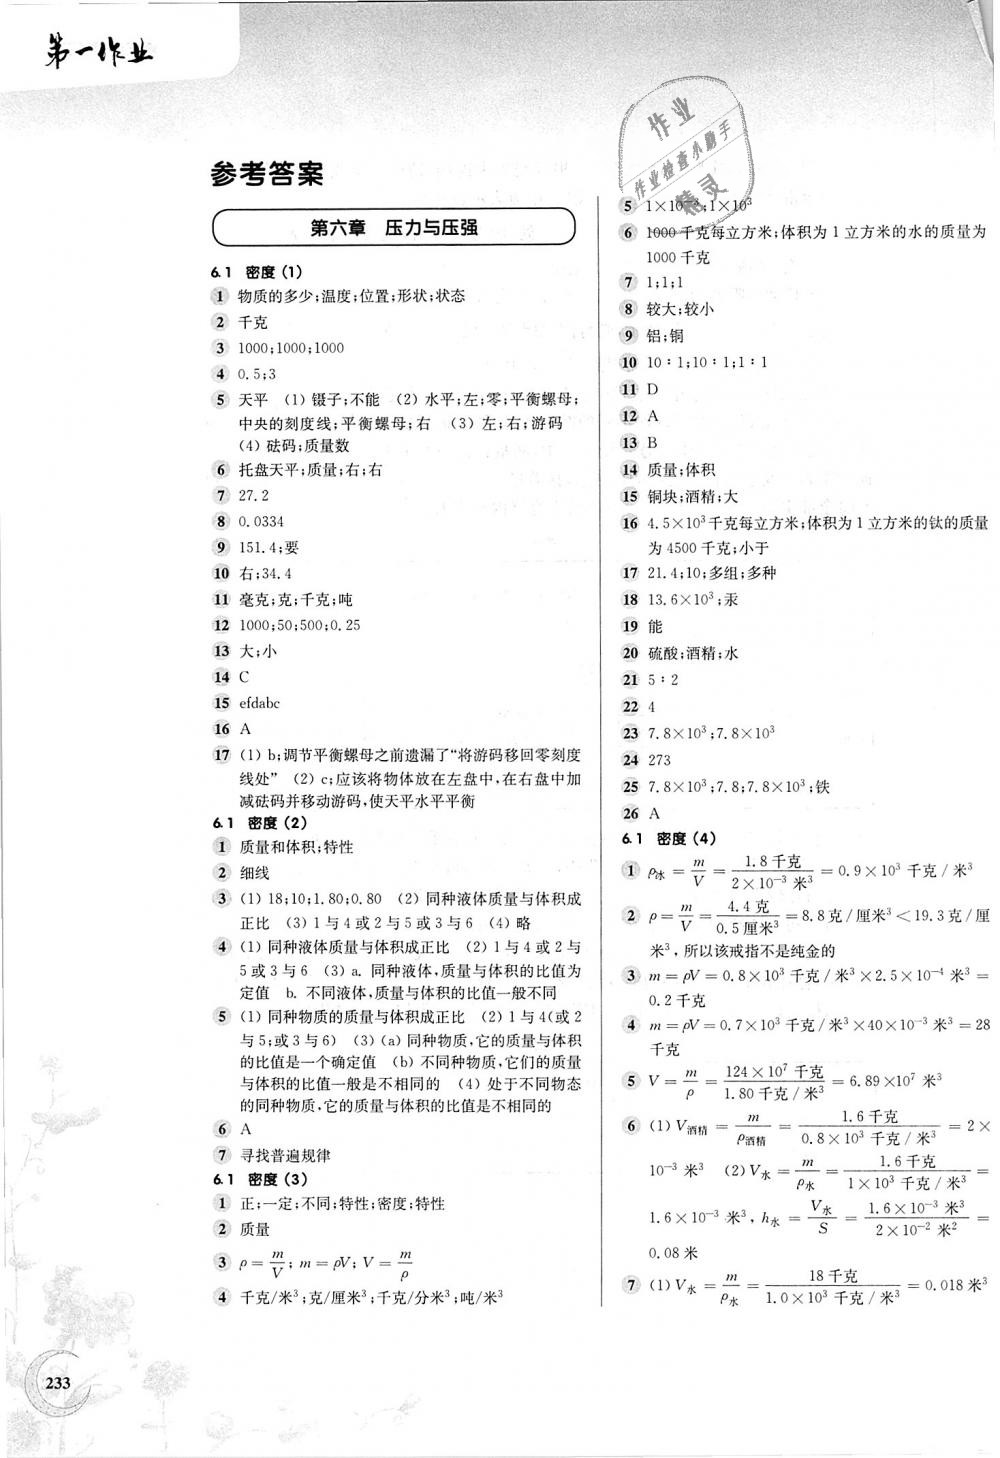 2018年第一作业九年级物理全一册沪教版第1页